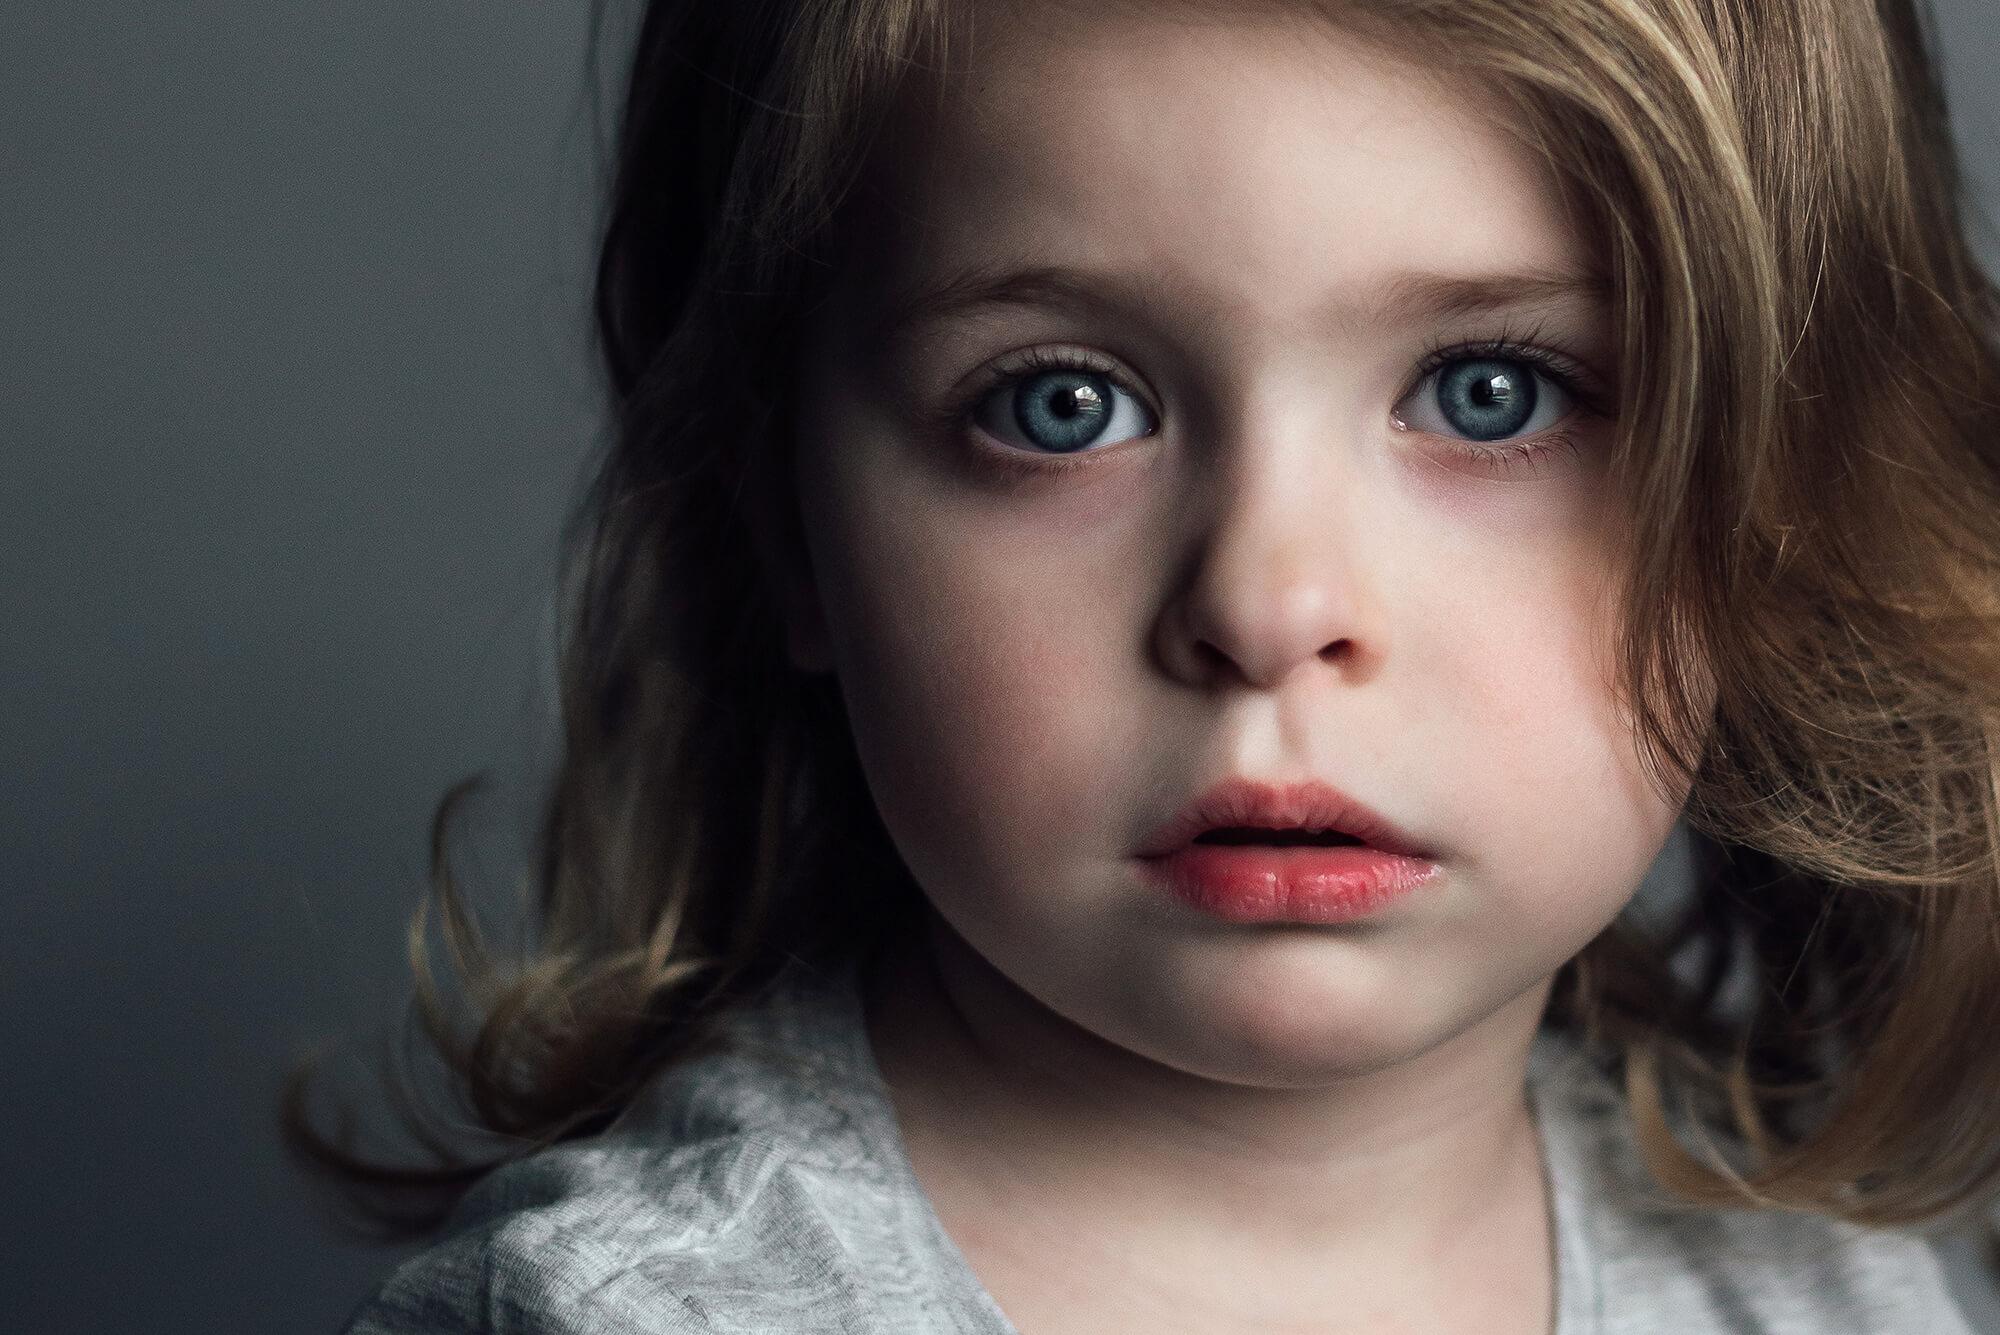 een portret van een kind op grijze achtergrond. Samen met haar moeder.